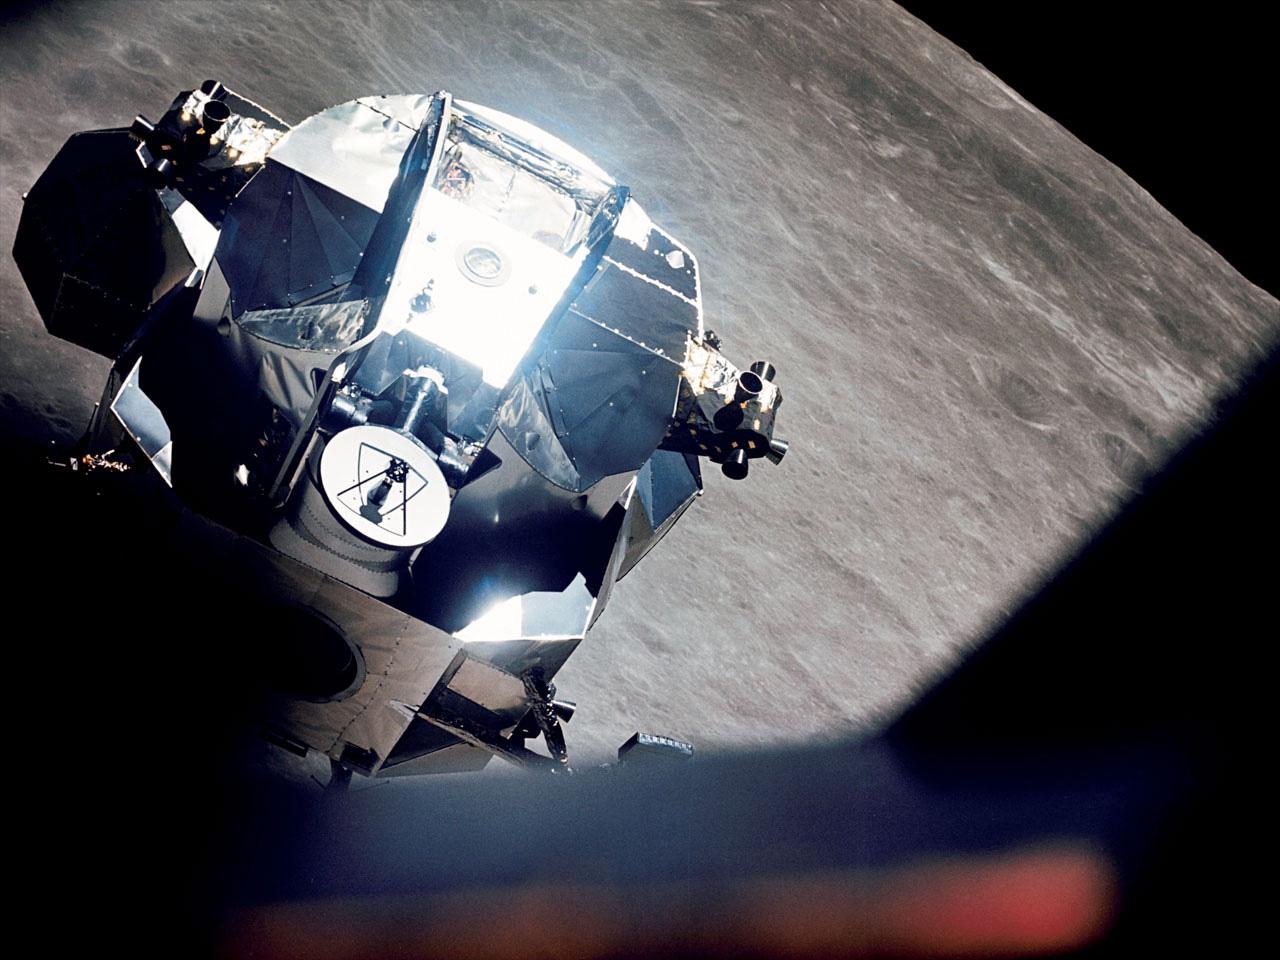 lunar module in space - photo #31